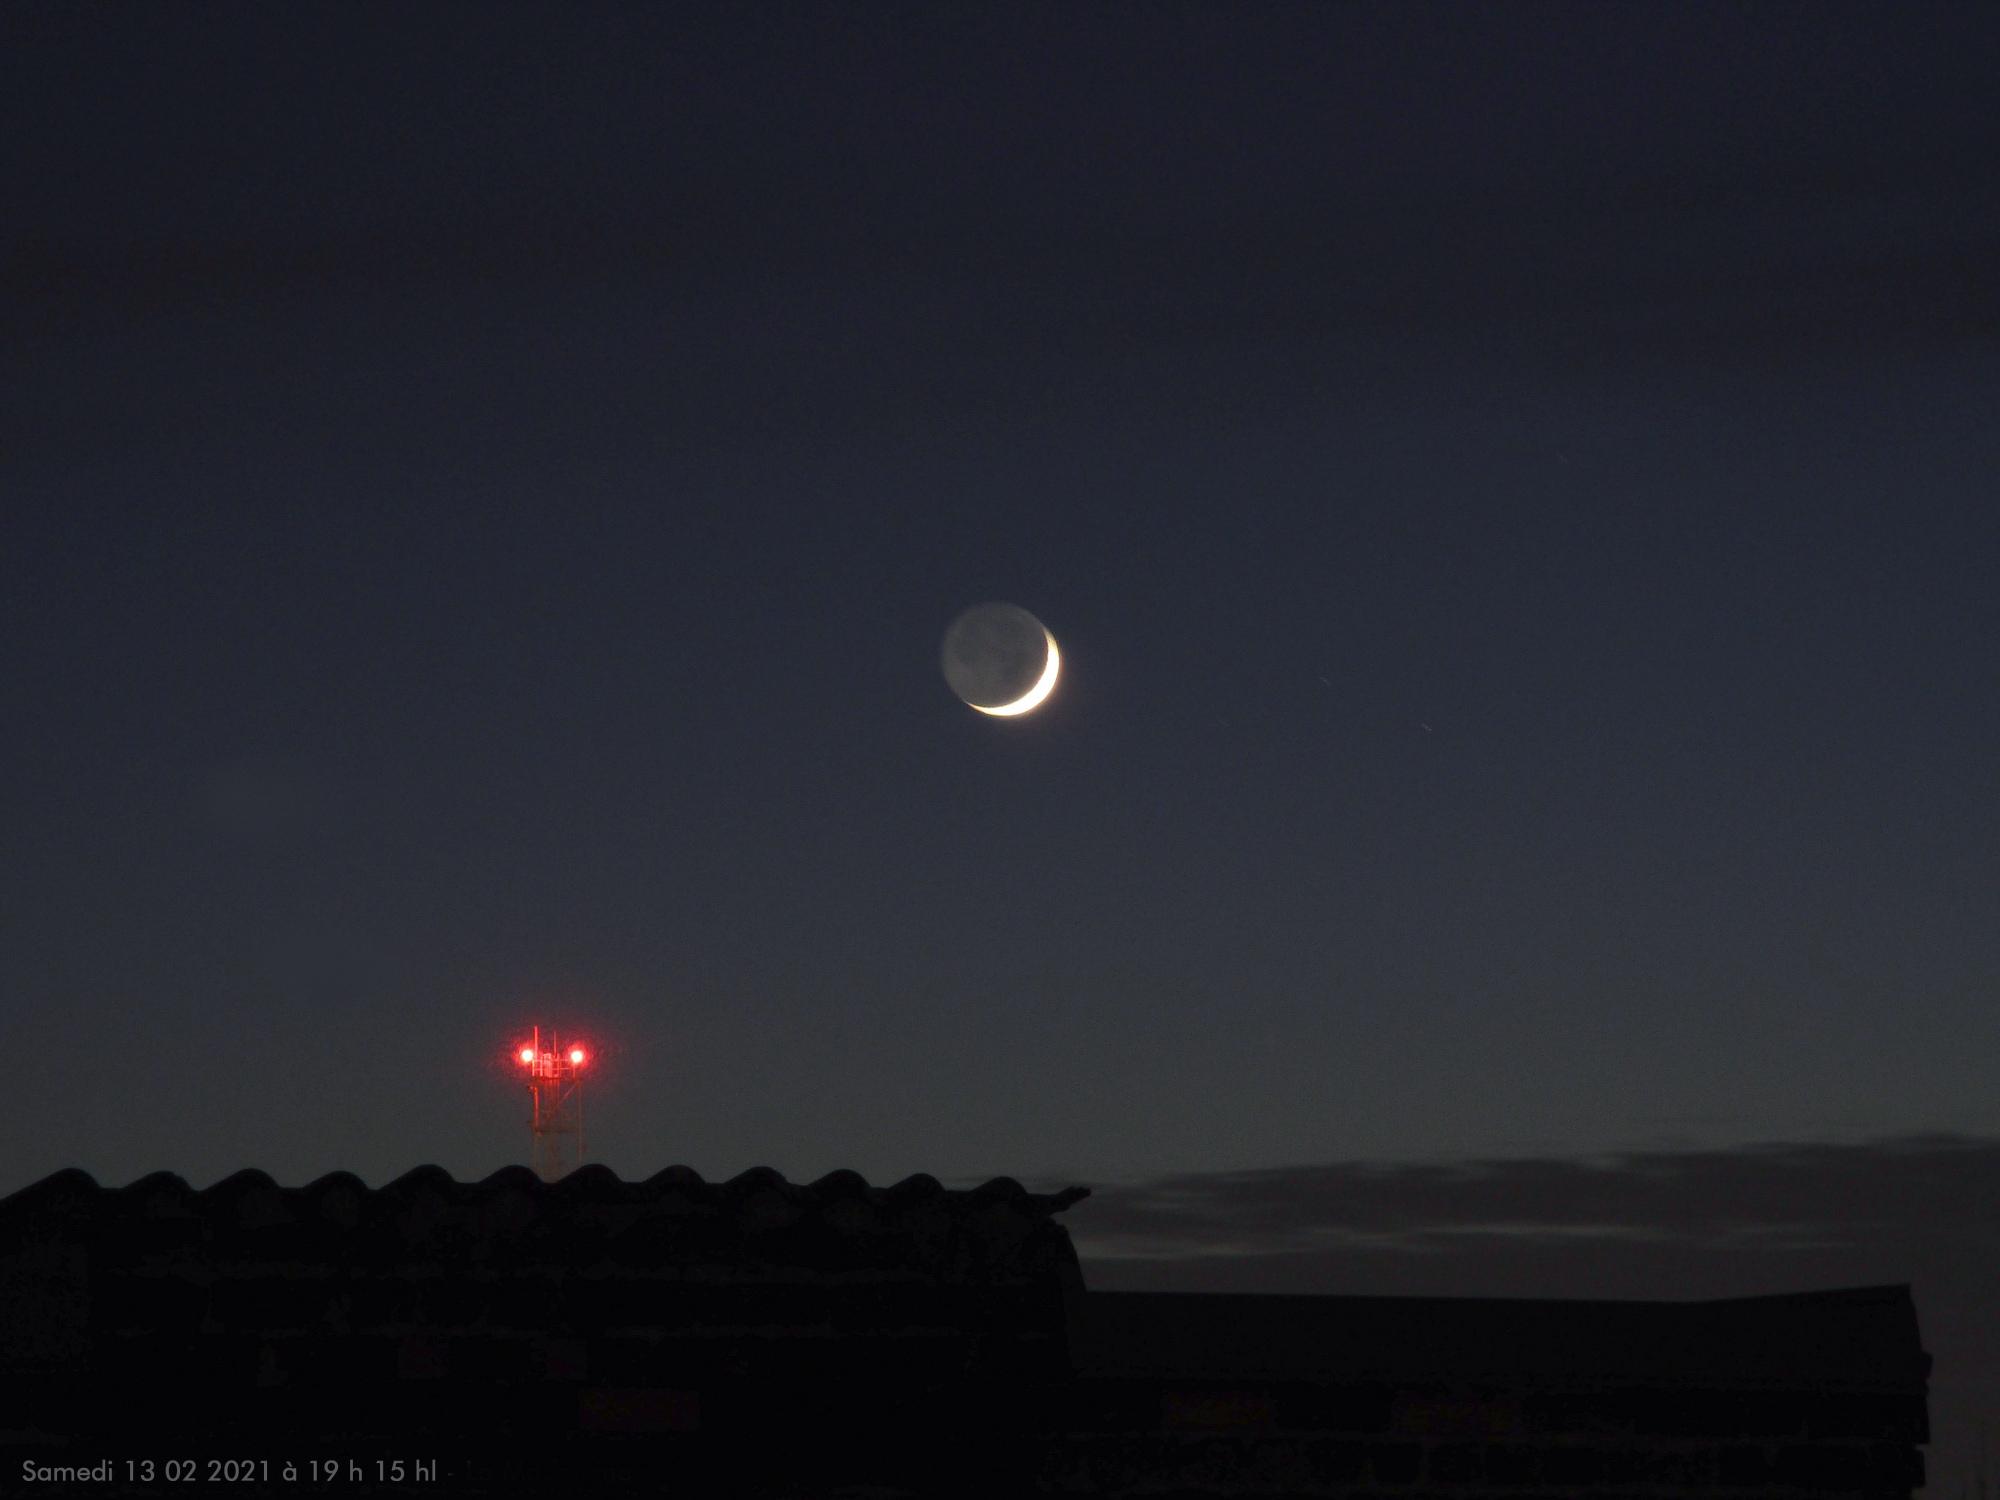 Lune cendrée du 13 fev 2021c web.jpg